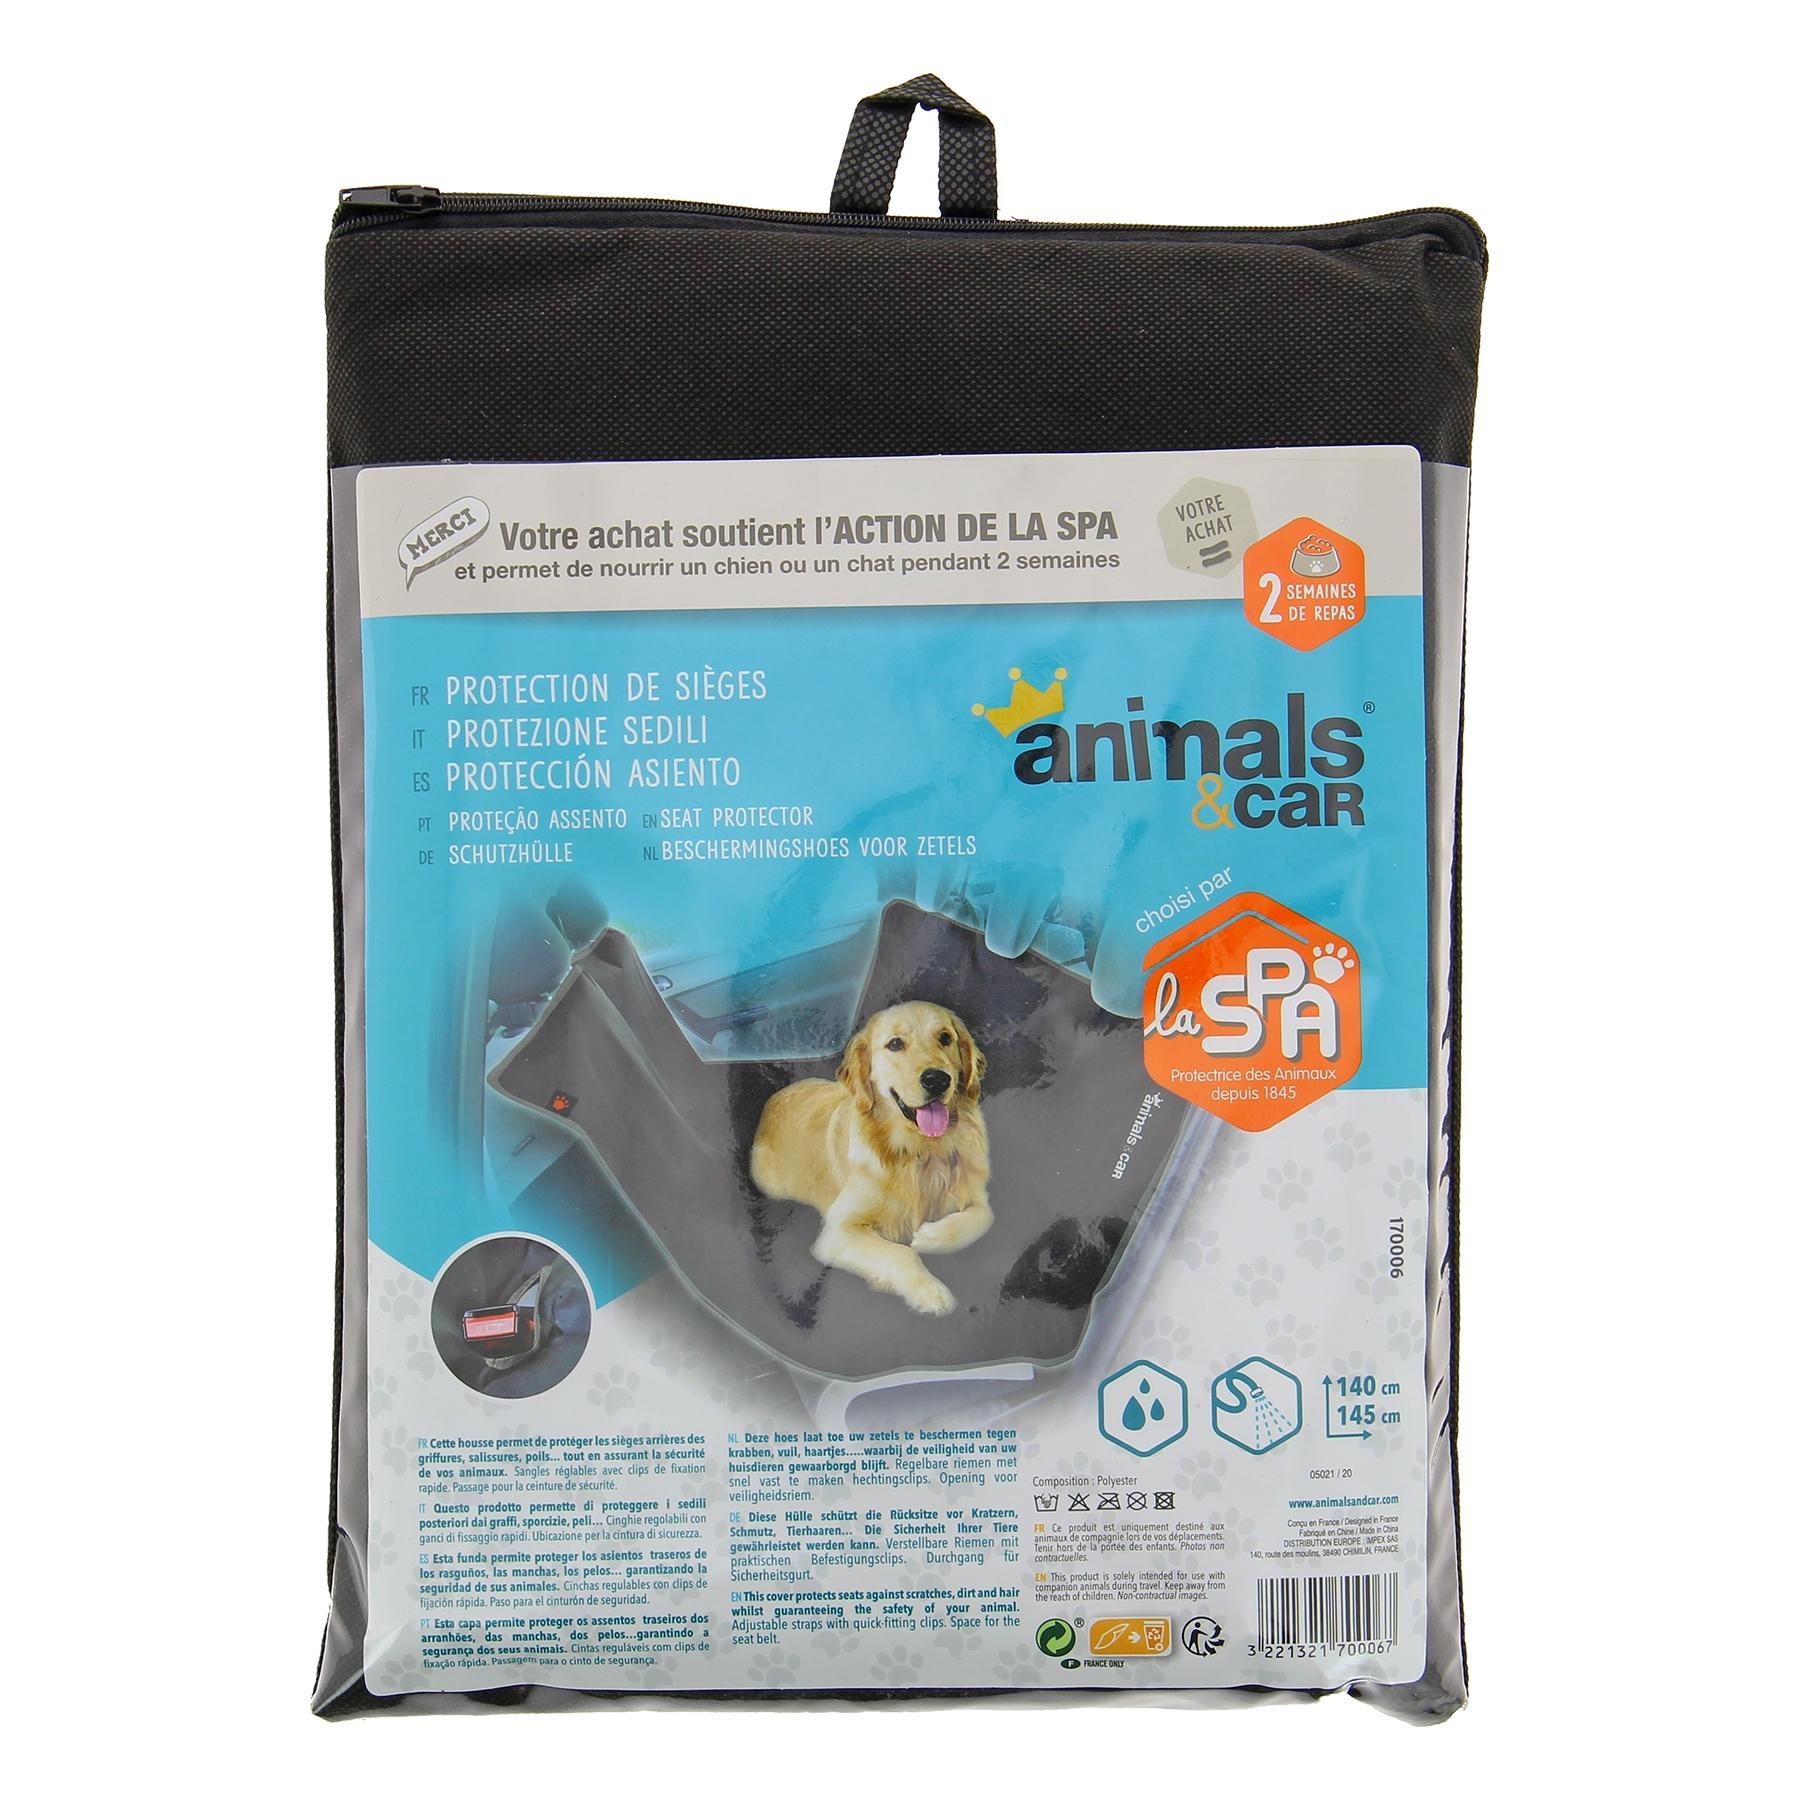 Housse protection voiture chien animals&car 170006 évaluation